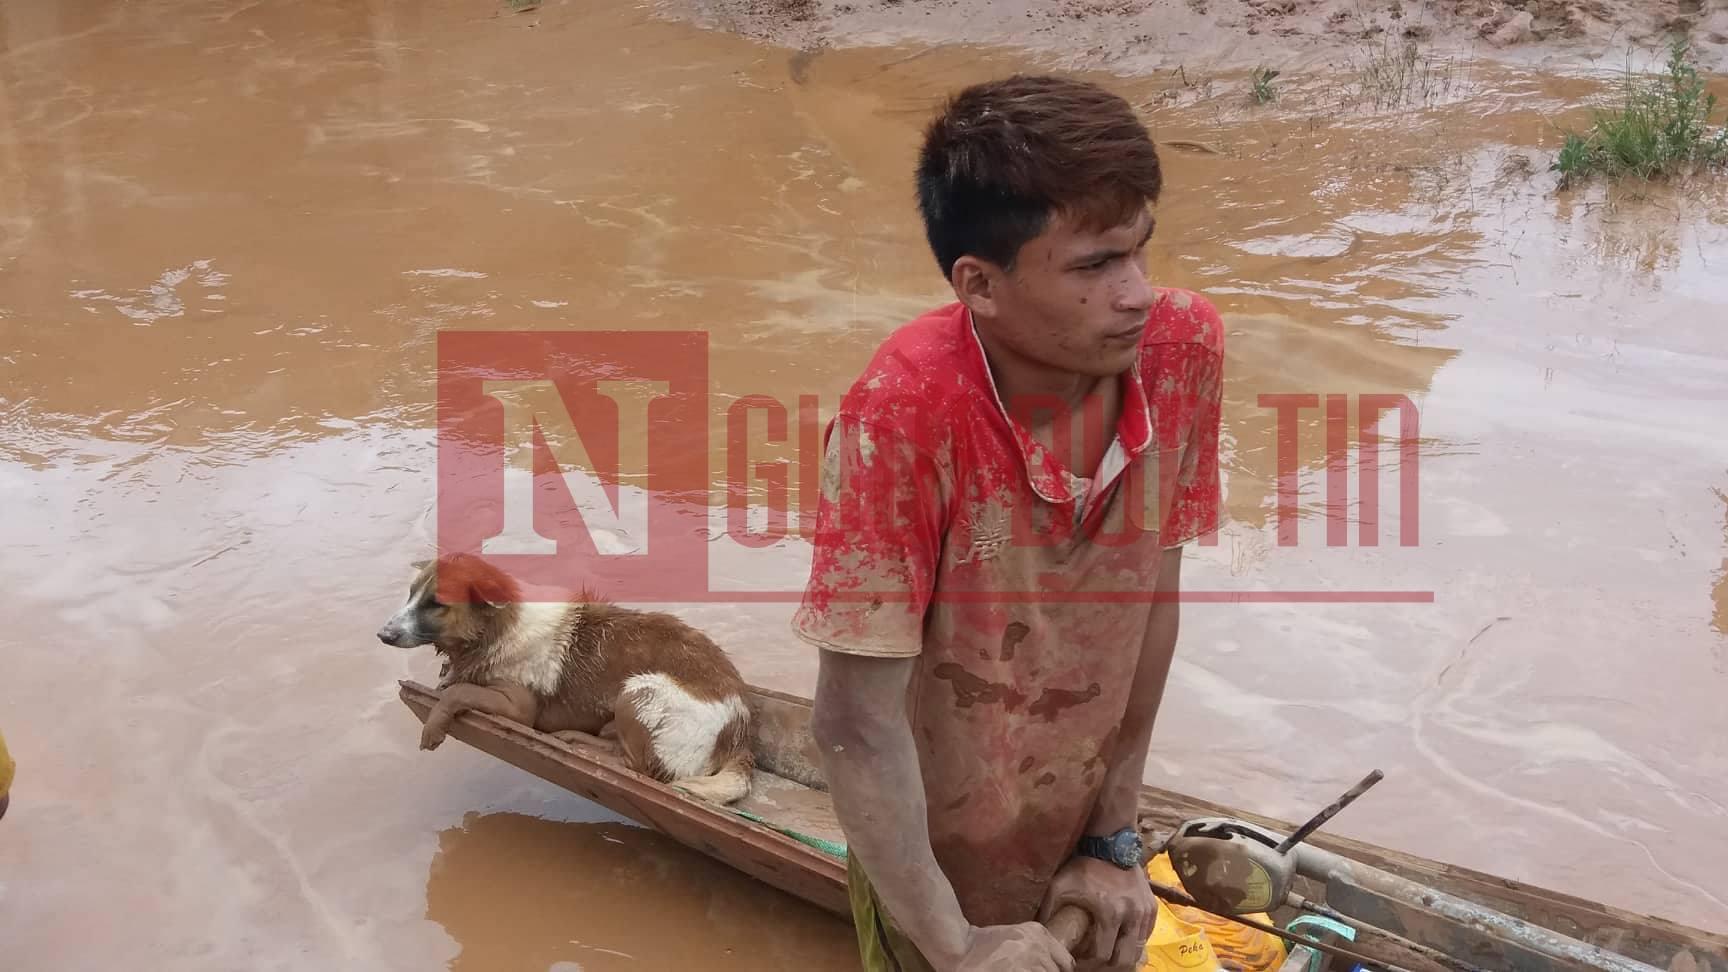 Vỡ đập thủy điện Lào: Cận cảnh công tác cứu hộ tại nơi cơn lũ vừa càn quét - Ảnh 6